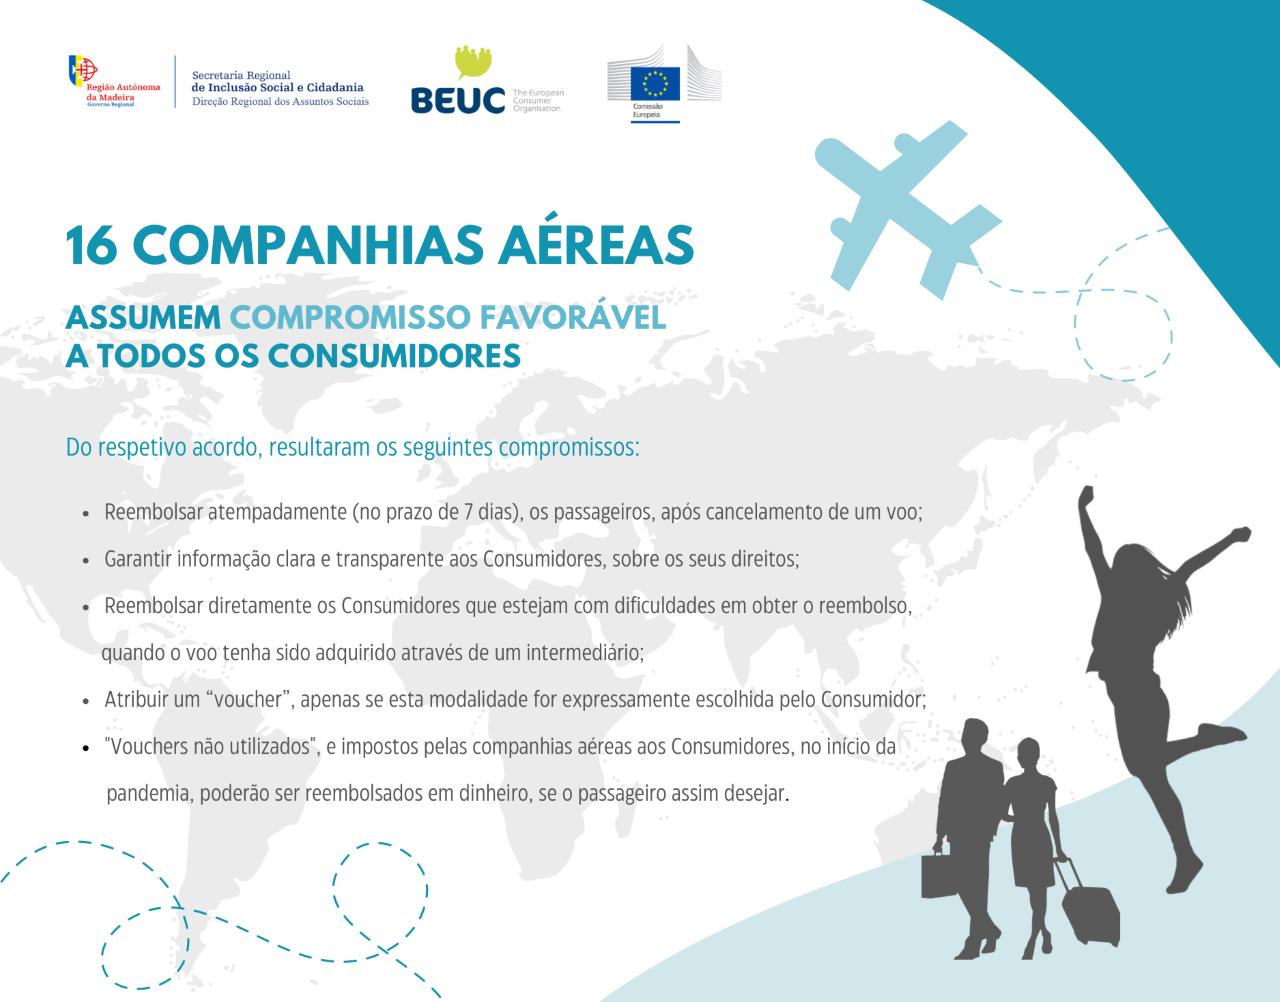 16 Companhias Aéreas - Compromisso Favorável a Todos os Consumidores